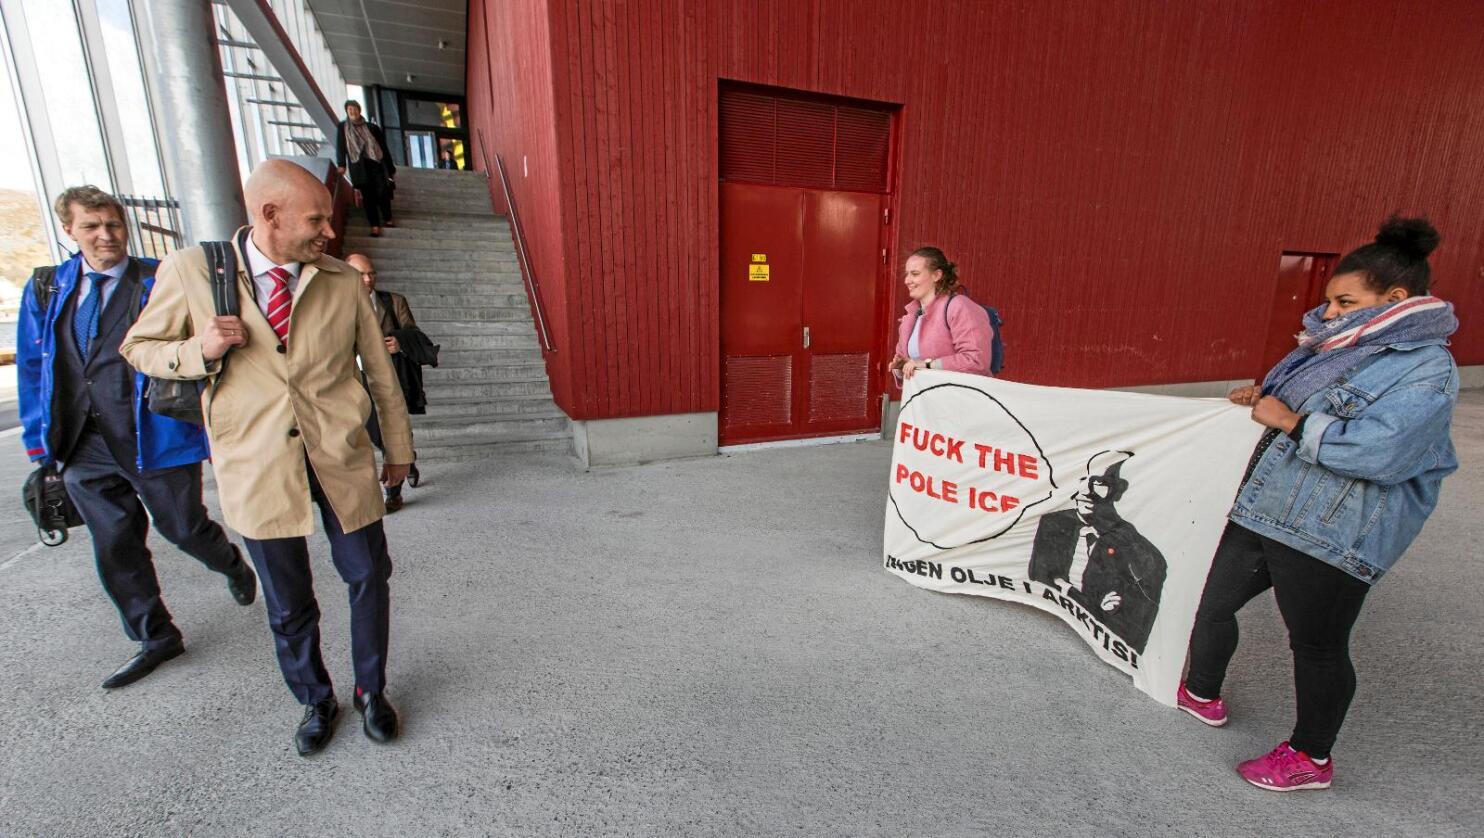 Kald melding: Olje- og energiminister Tord Lien ble møtt av demonstranter fra av Natur og Ungdom da han besøkte Hammerfest etter utlysningen av 23. konsesjonsrunde. Nå saksøkes han av samme organisasjon for brudd på Grunnloven da han åpnet for oljeleting i Barentshavet. Foto: Jan-Morten Bjørnbakk / NTB scanpix